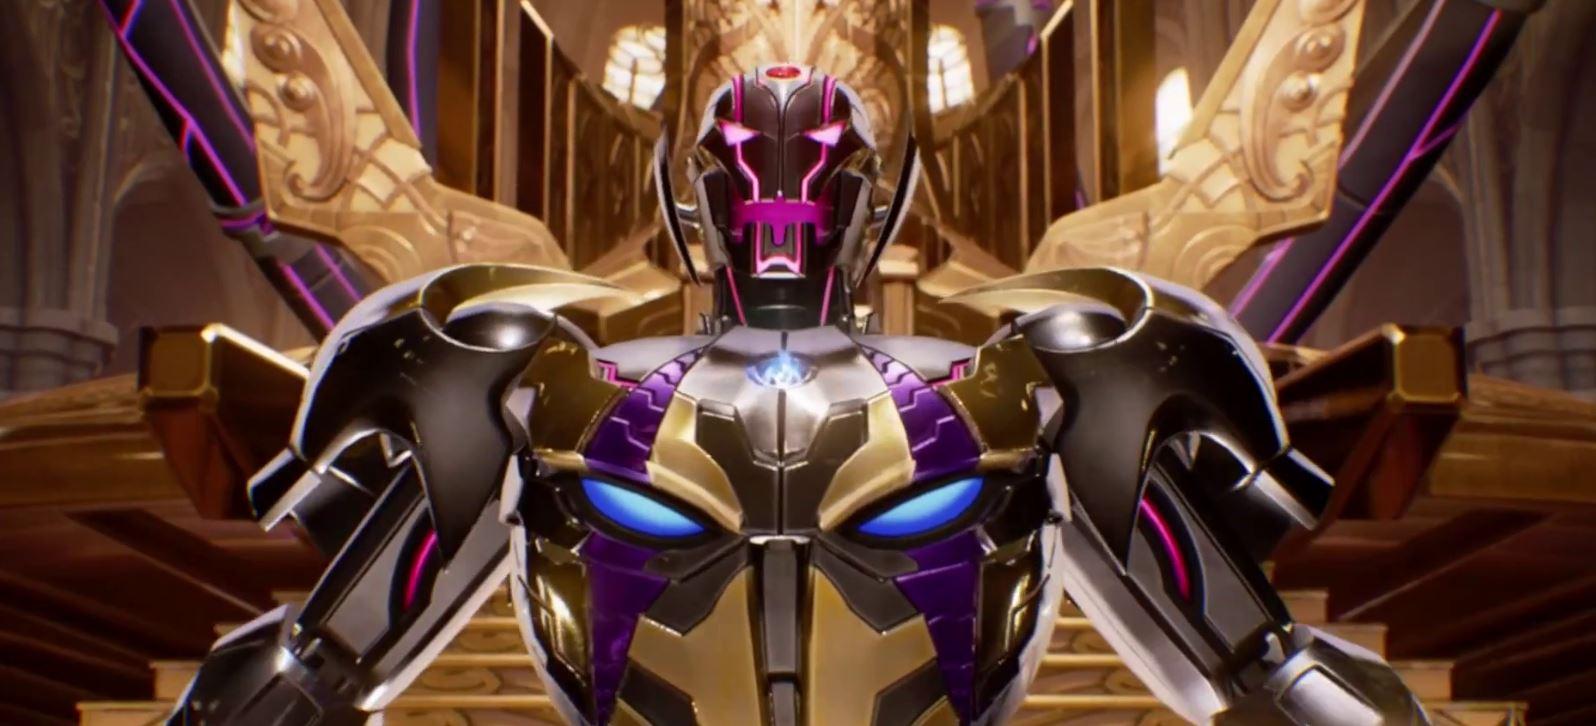 Ultron Sigma, the main villain